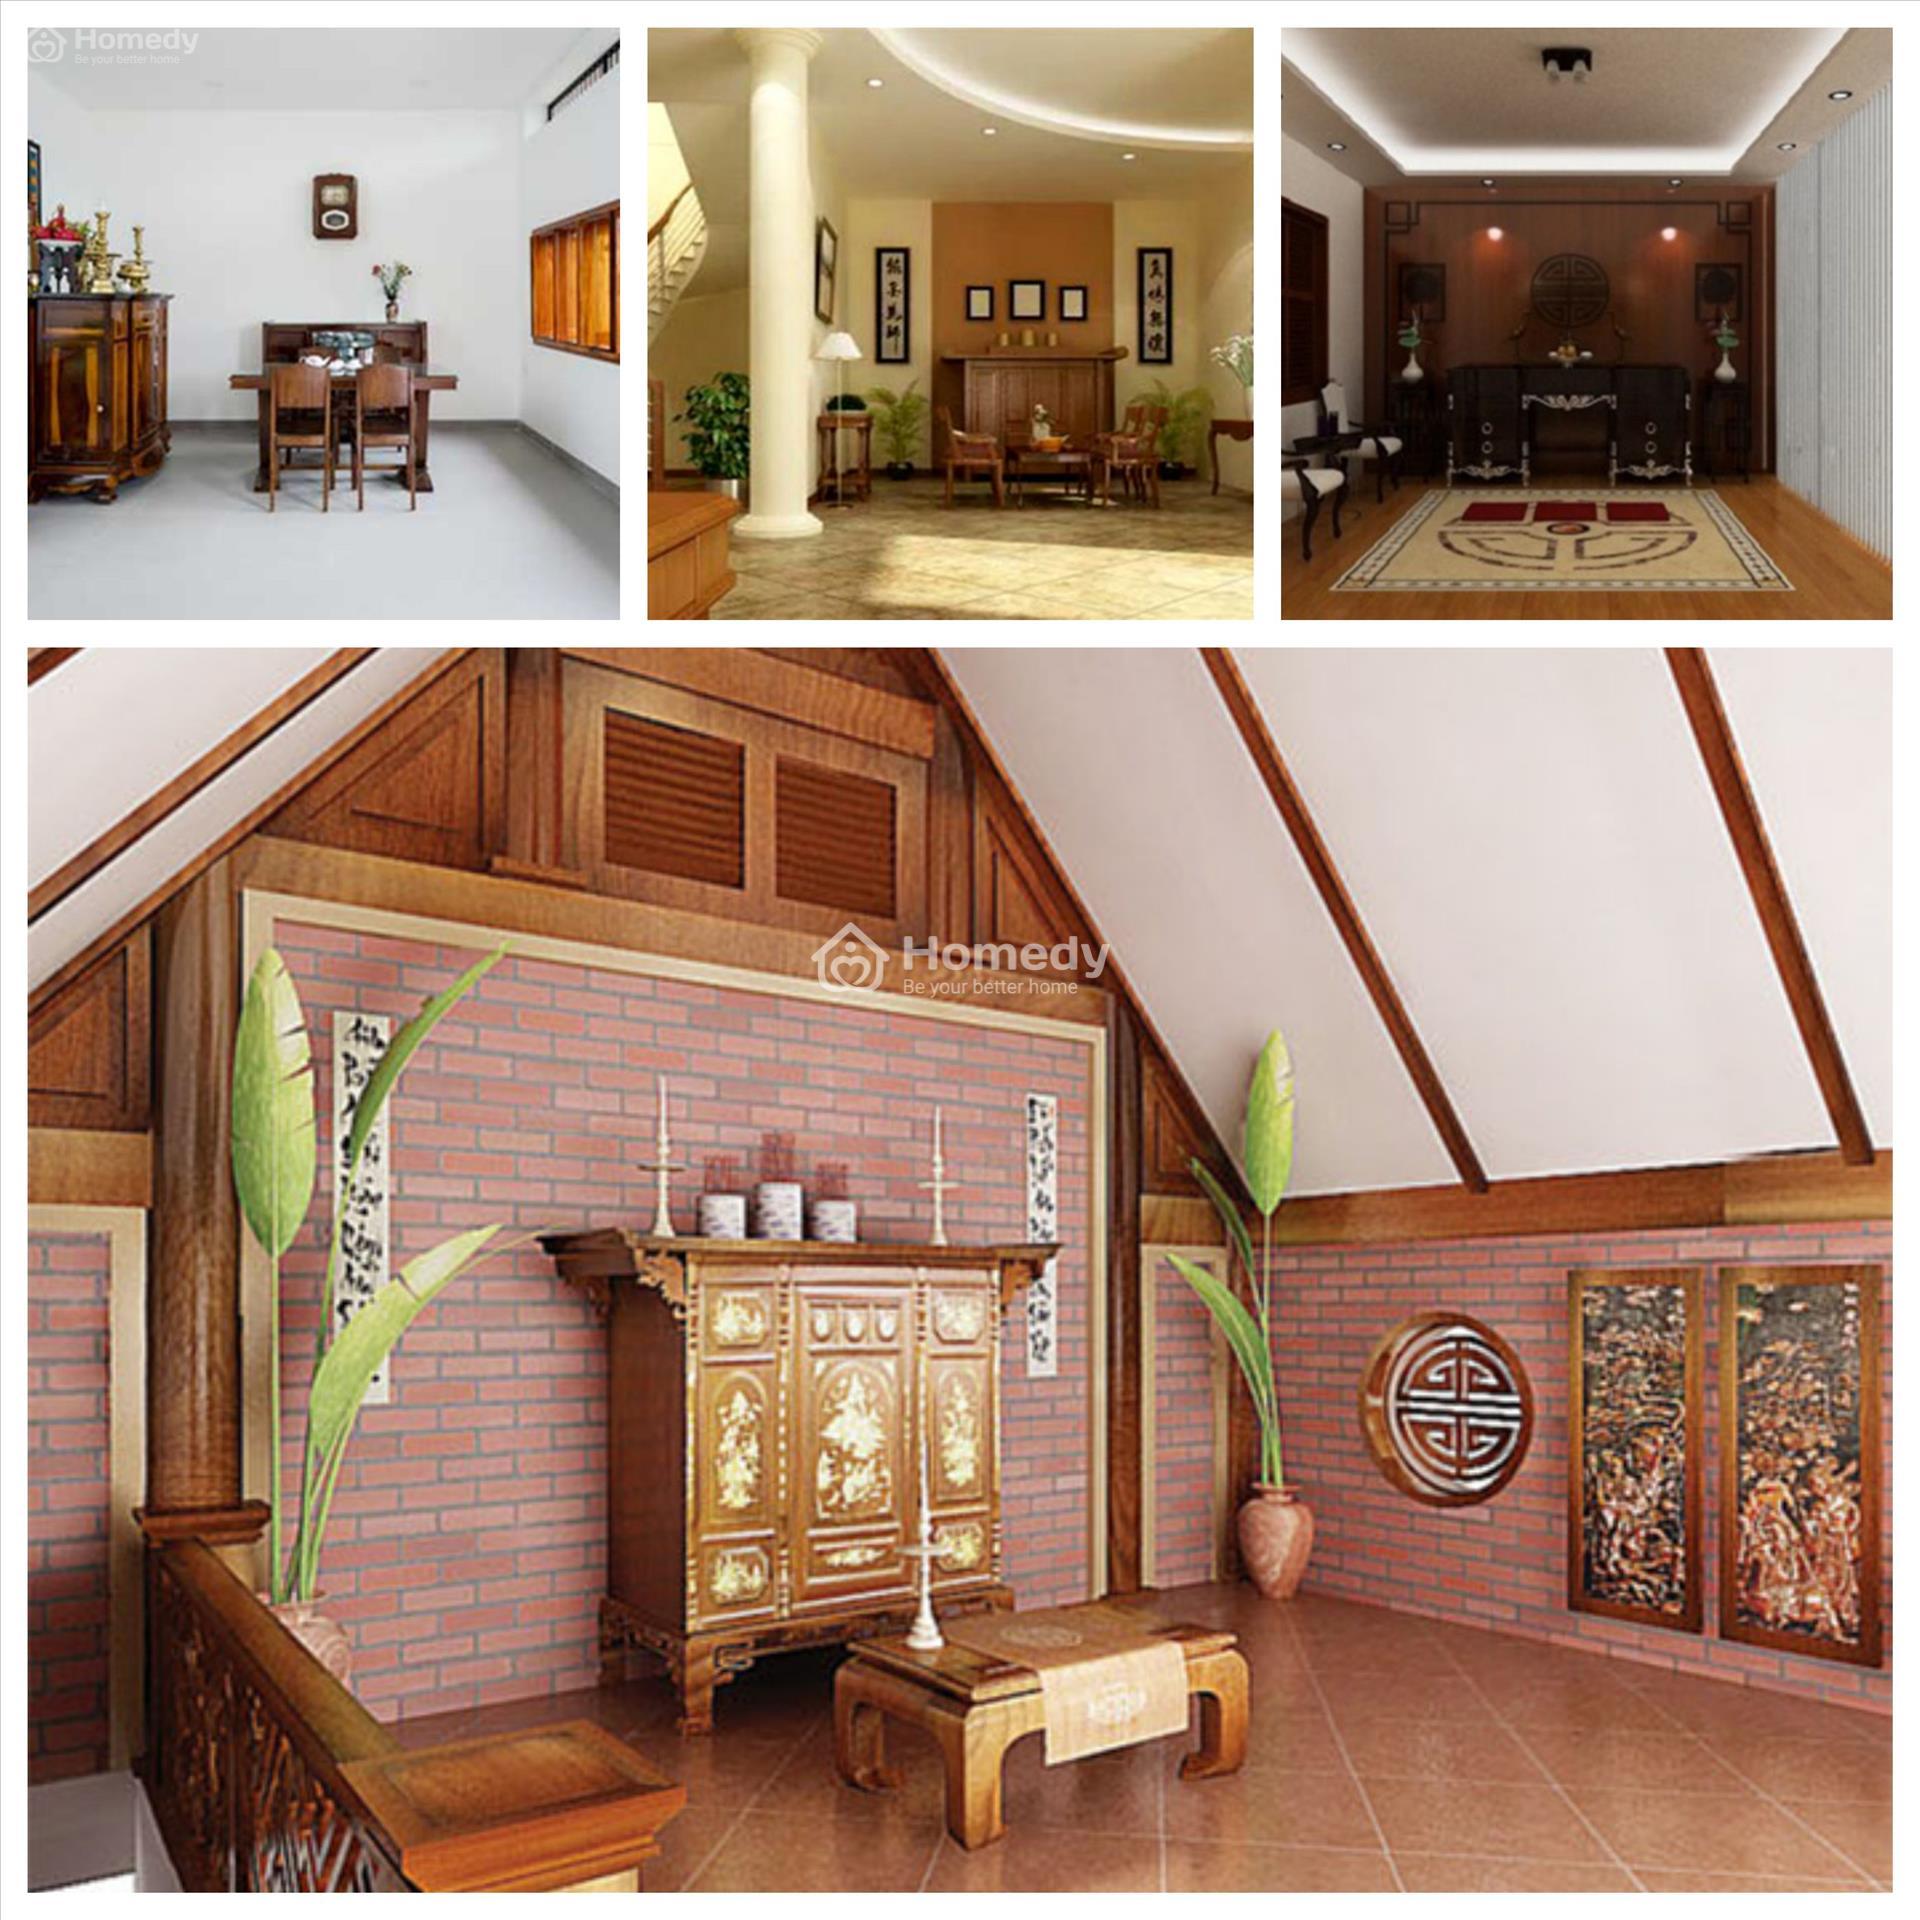 thiết kế phòng thờ nhà ống 2 tầng